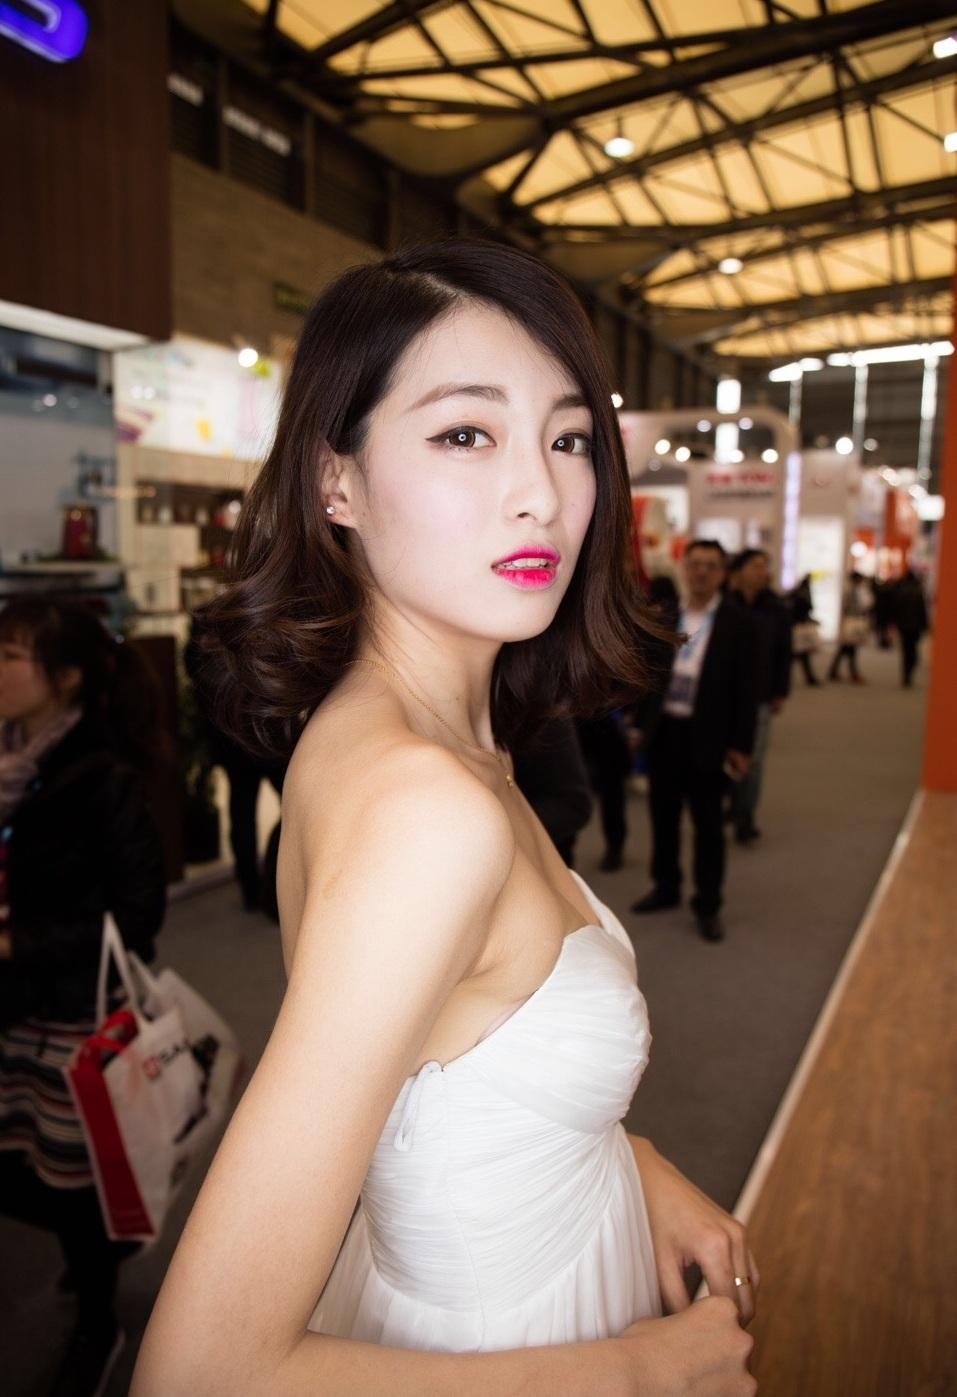 上海理工大学の女神が写真公開 顔面偏差値高すぎる!コメント